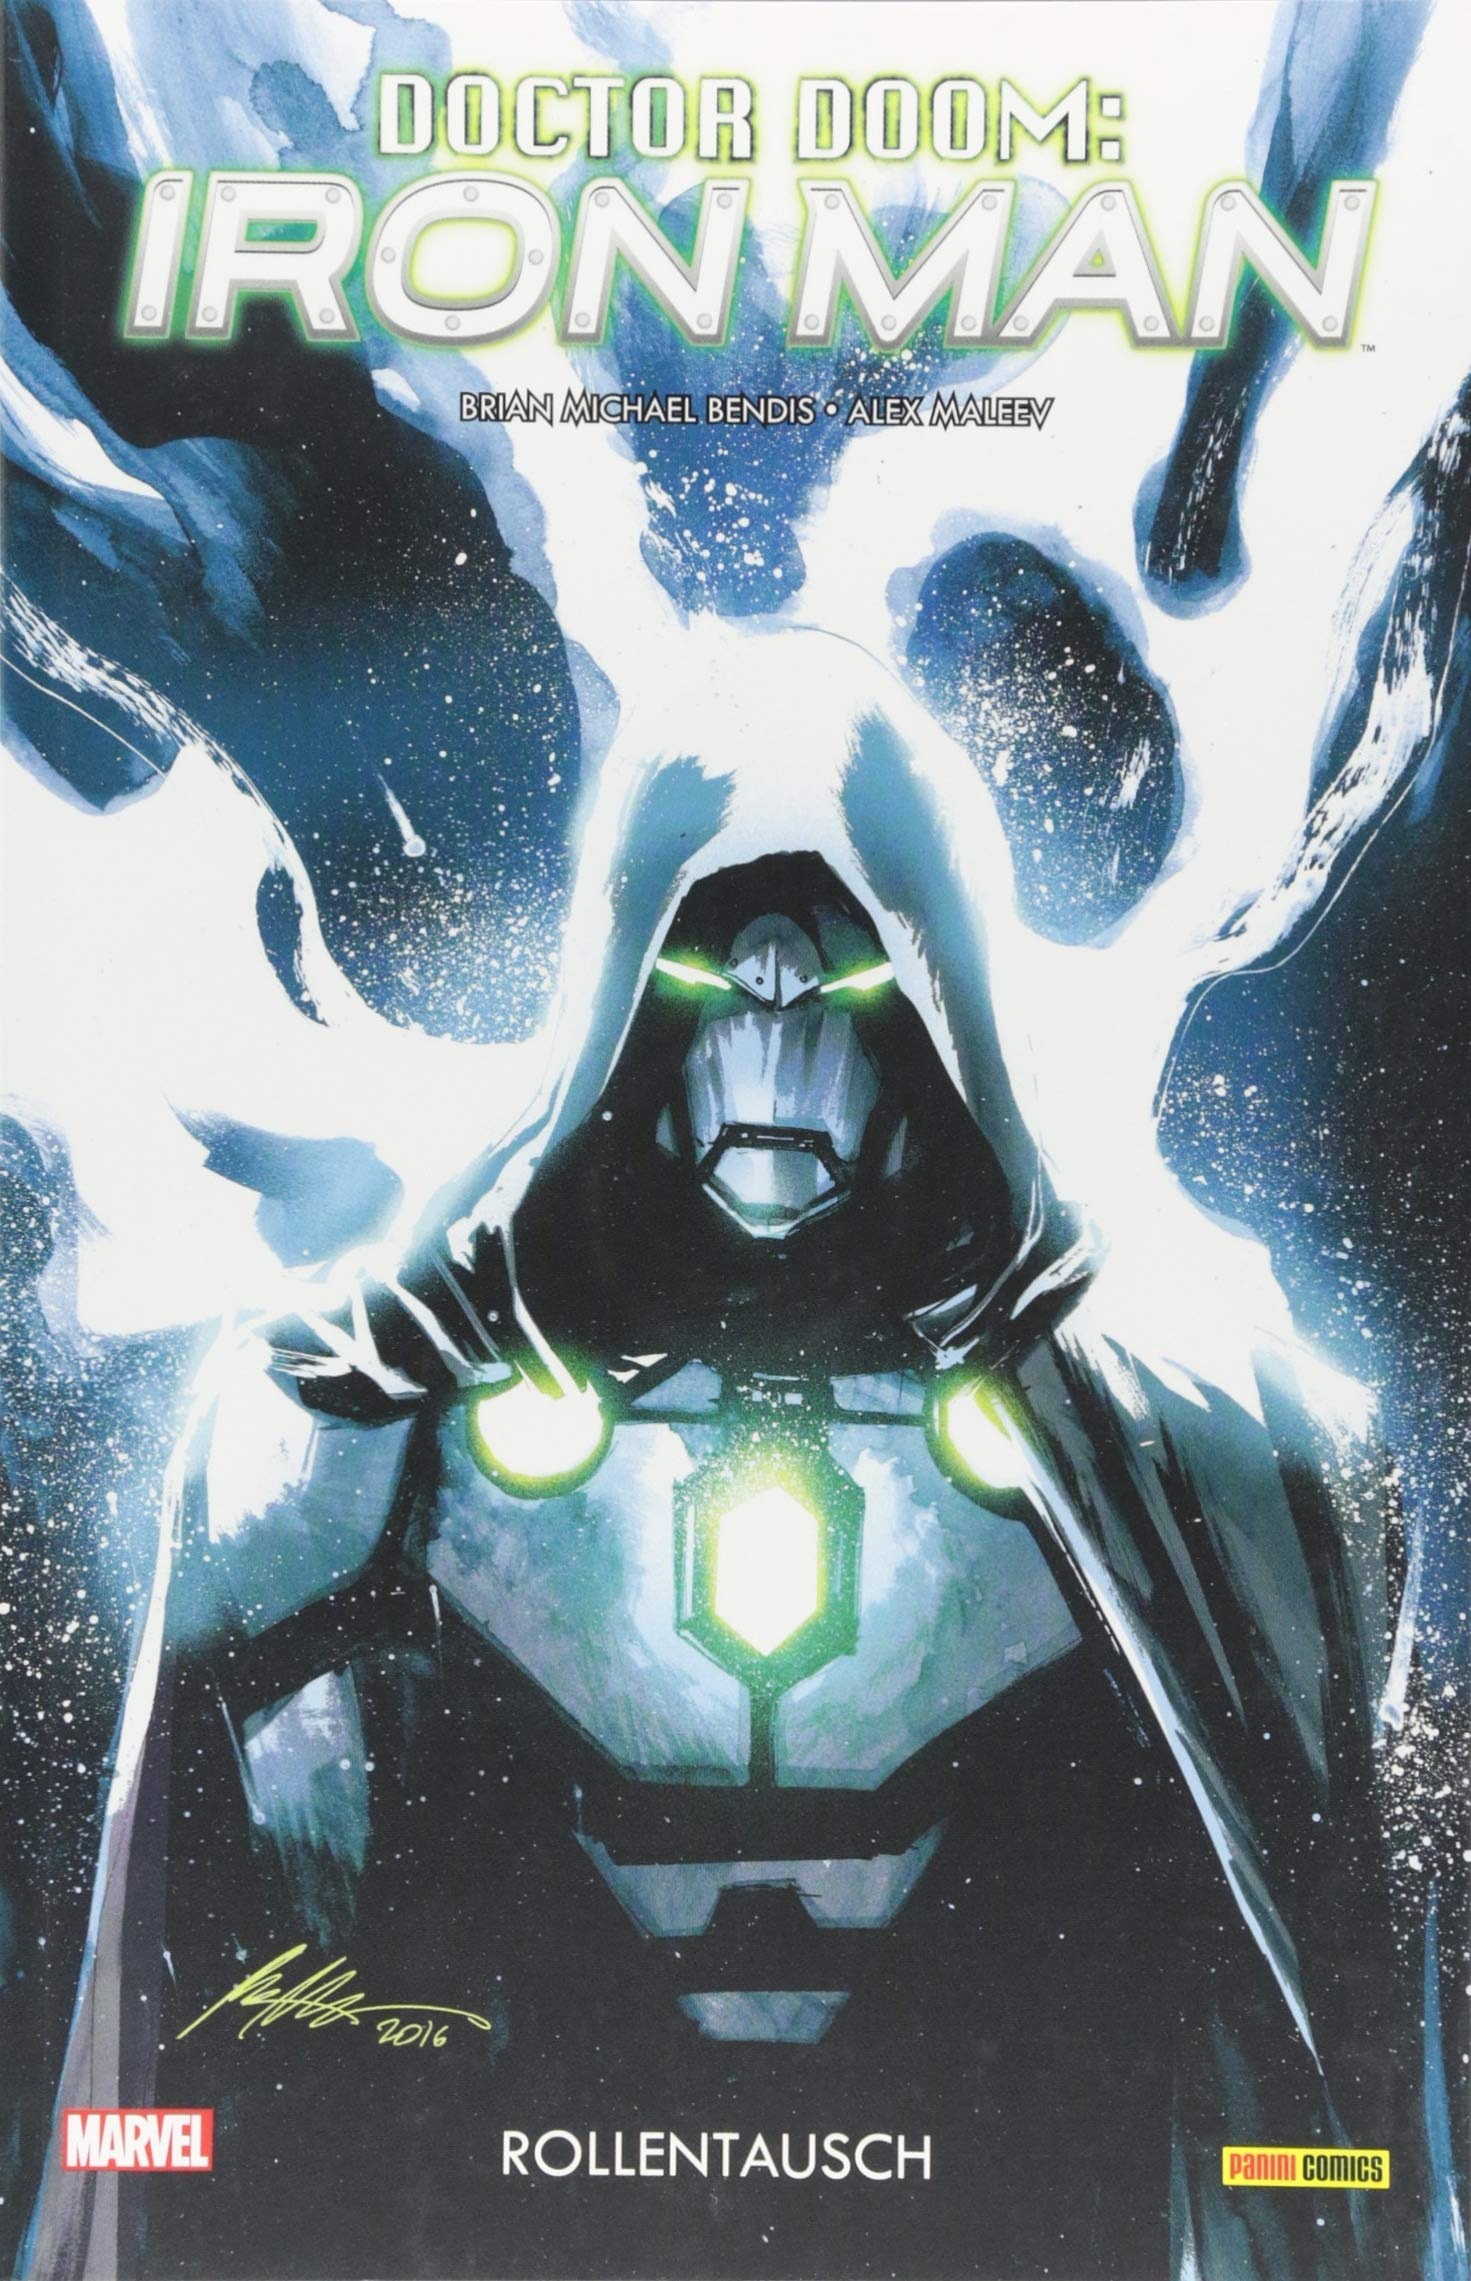 Doctor Doom: Iron Man: Bd. 1: Rollentausch